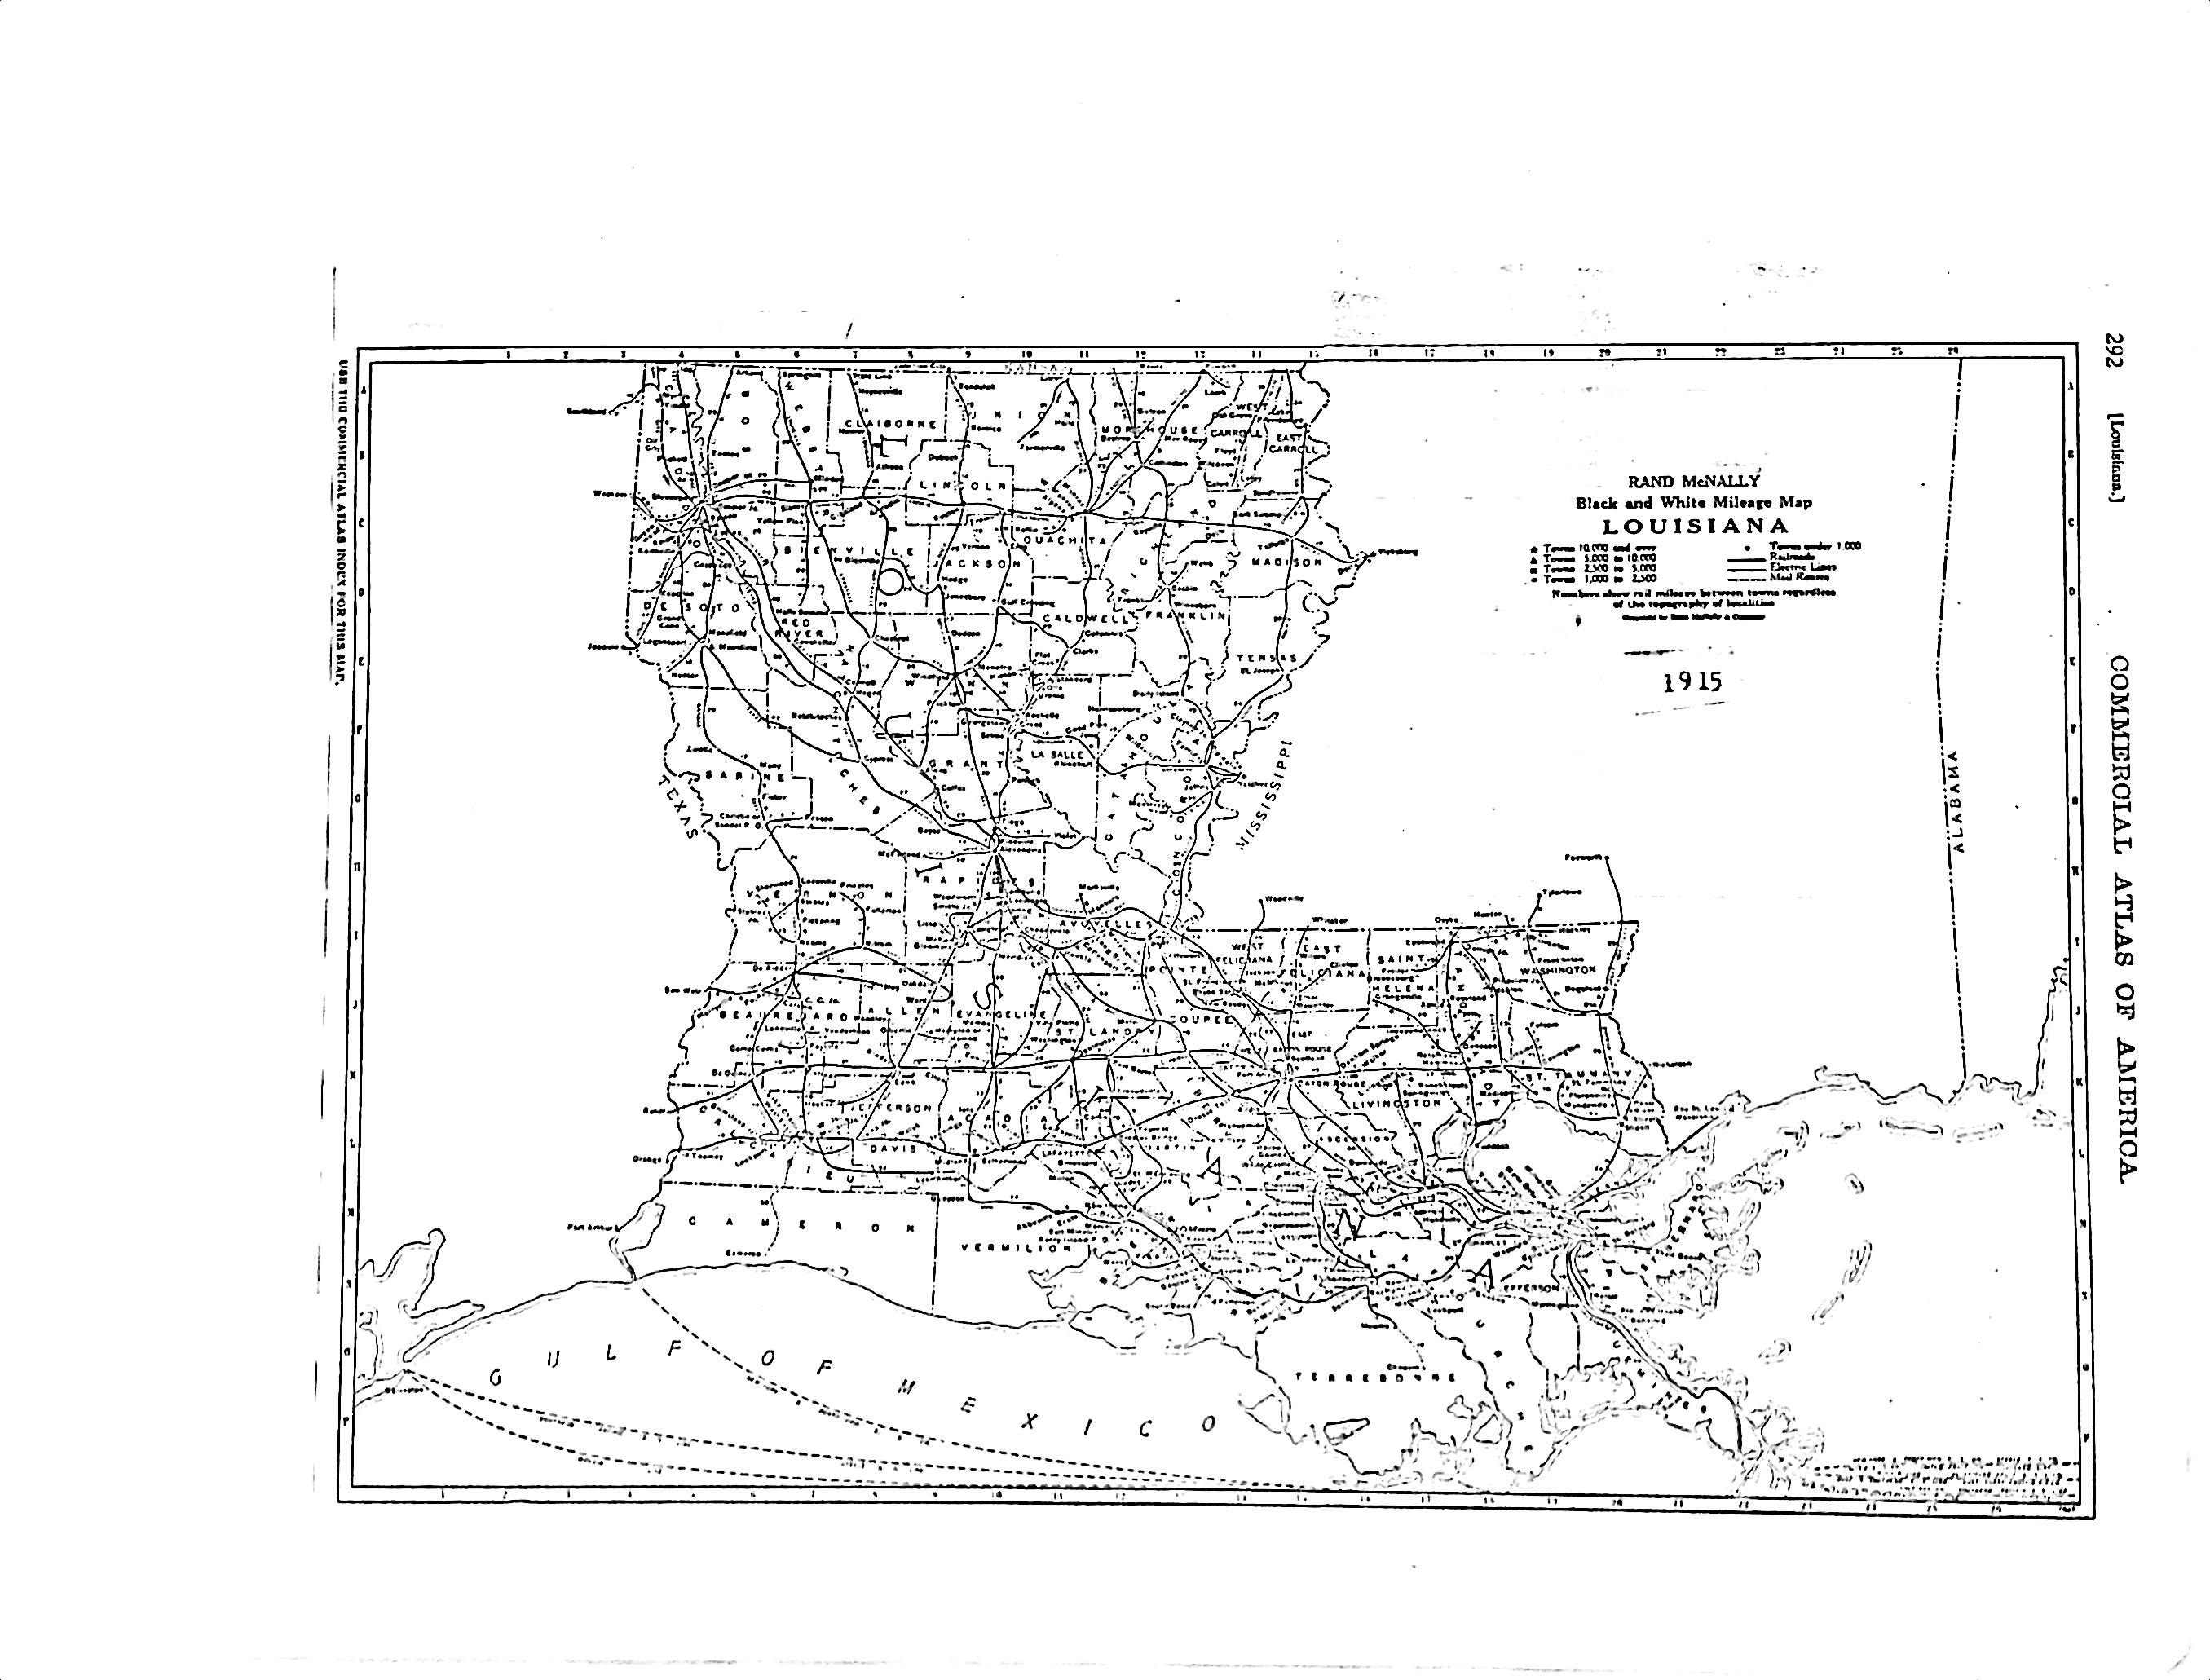 Louisiana 1915-1